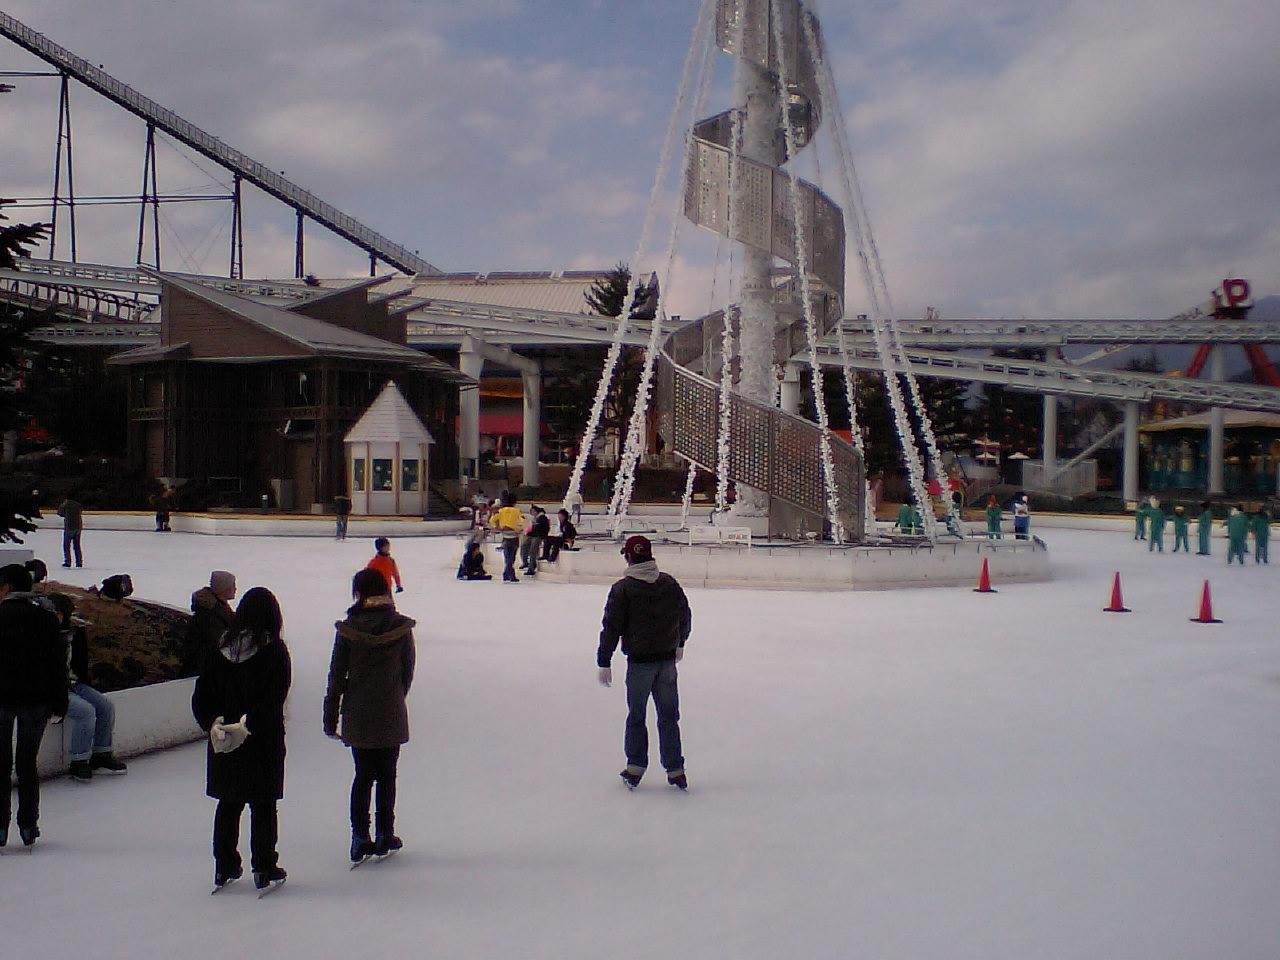 アイススケートも日中友好 日中の来客が一緒に滑った_d0027795_14331018.jpg